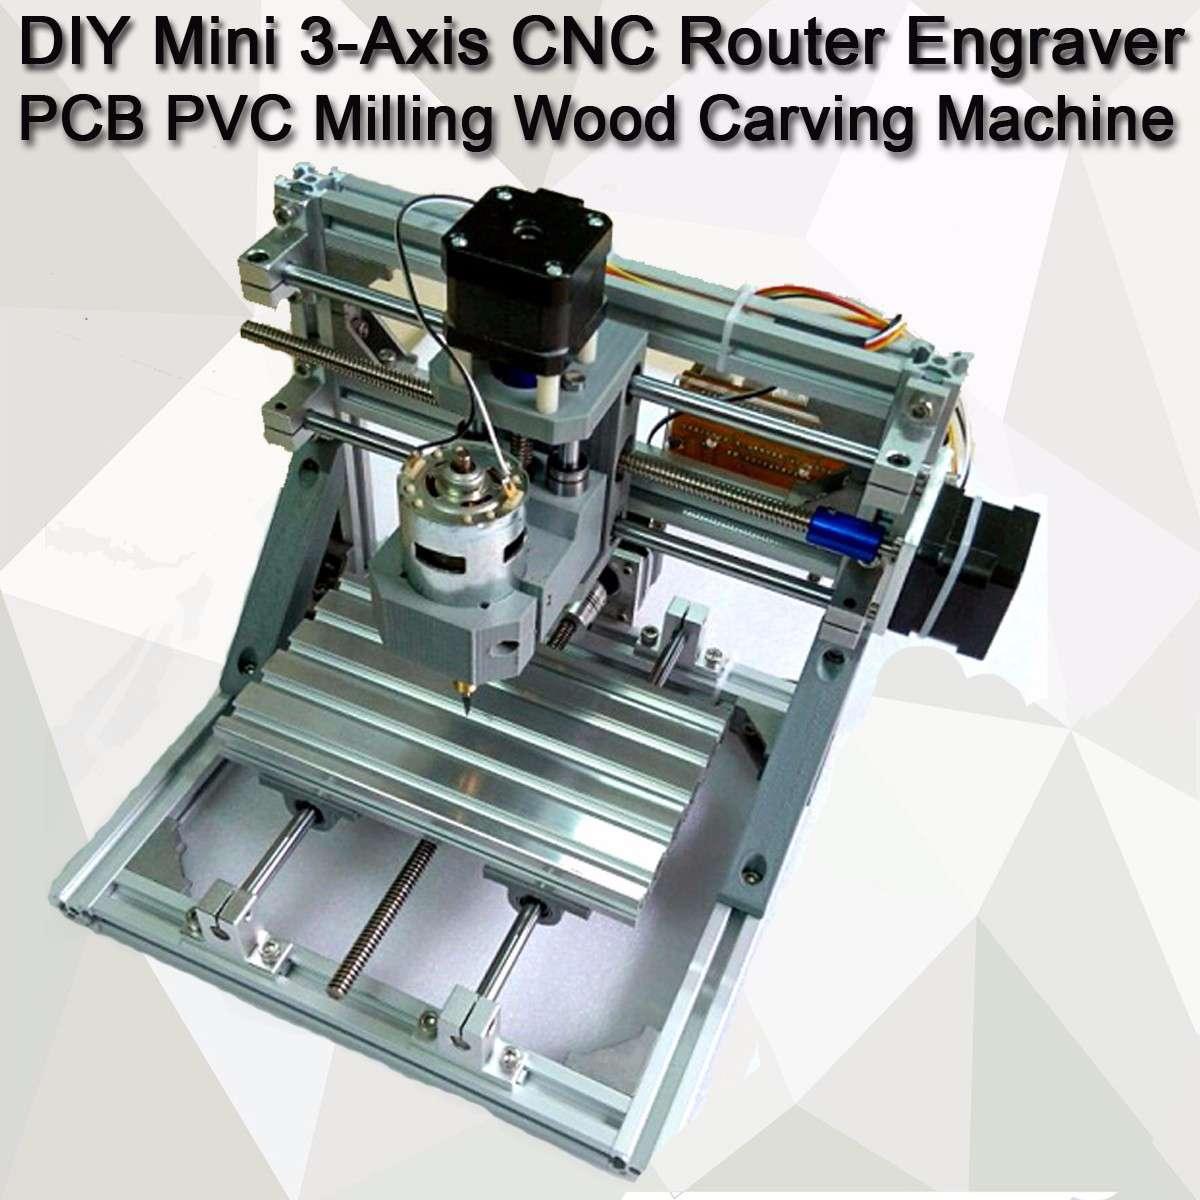 Bricolage Mini 3 axes CNC routeur graveur PCB PVC fraisage bois sculpture Machine bricolage M